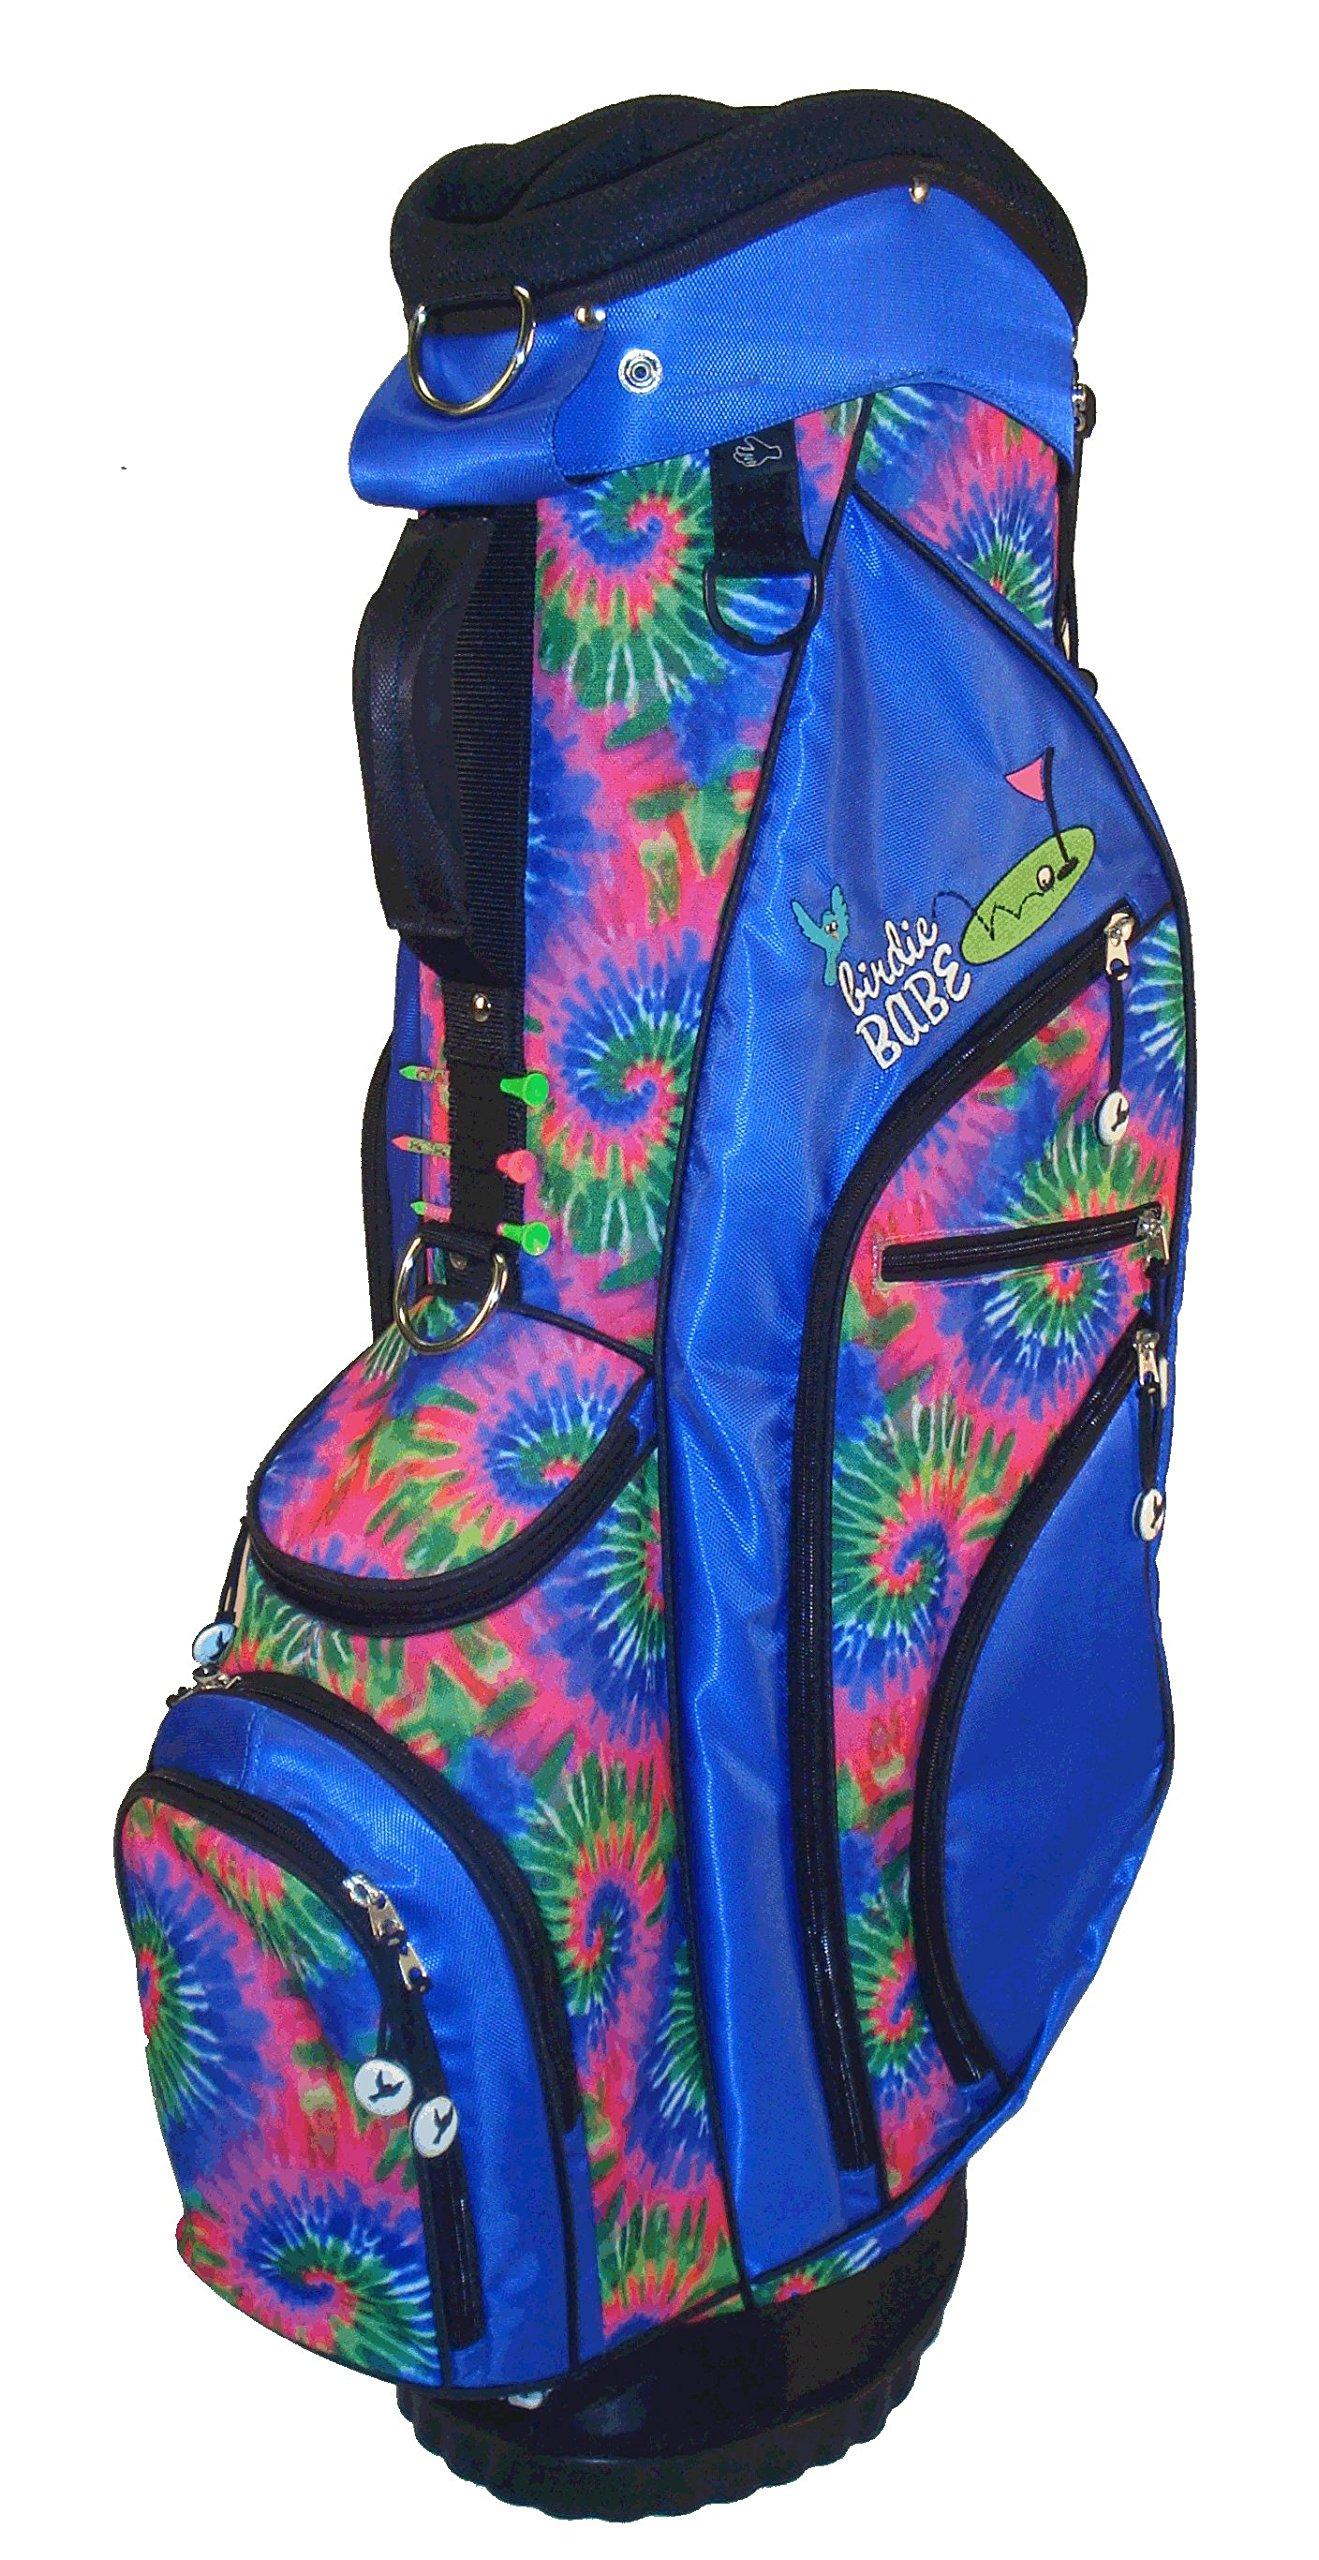 Birdie Babe Womens Hybrid Golf Bag Kool Karma Blue Tie Dye Ladies Golf Bag